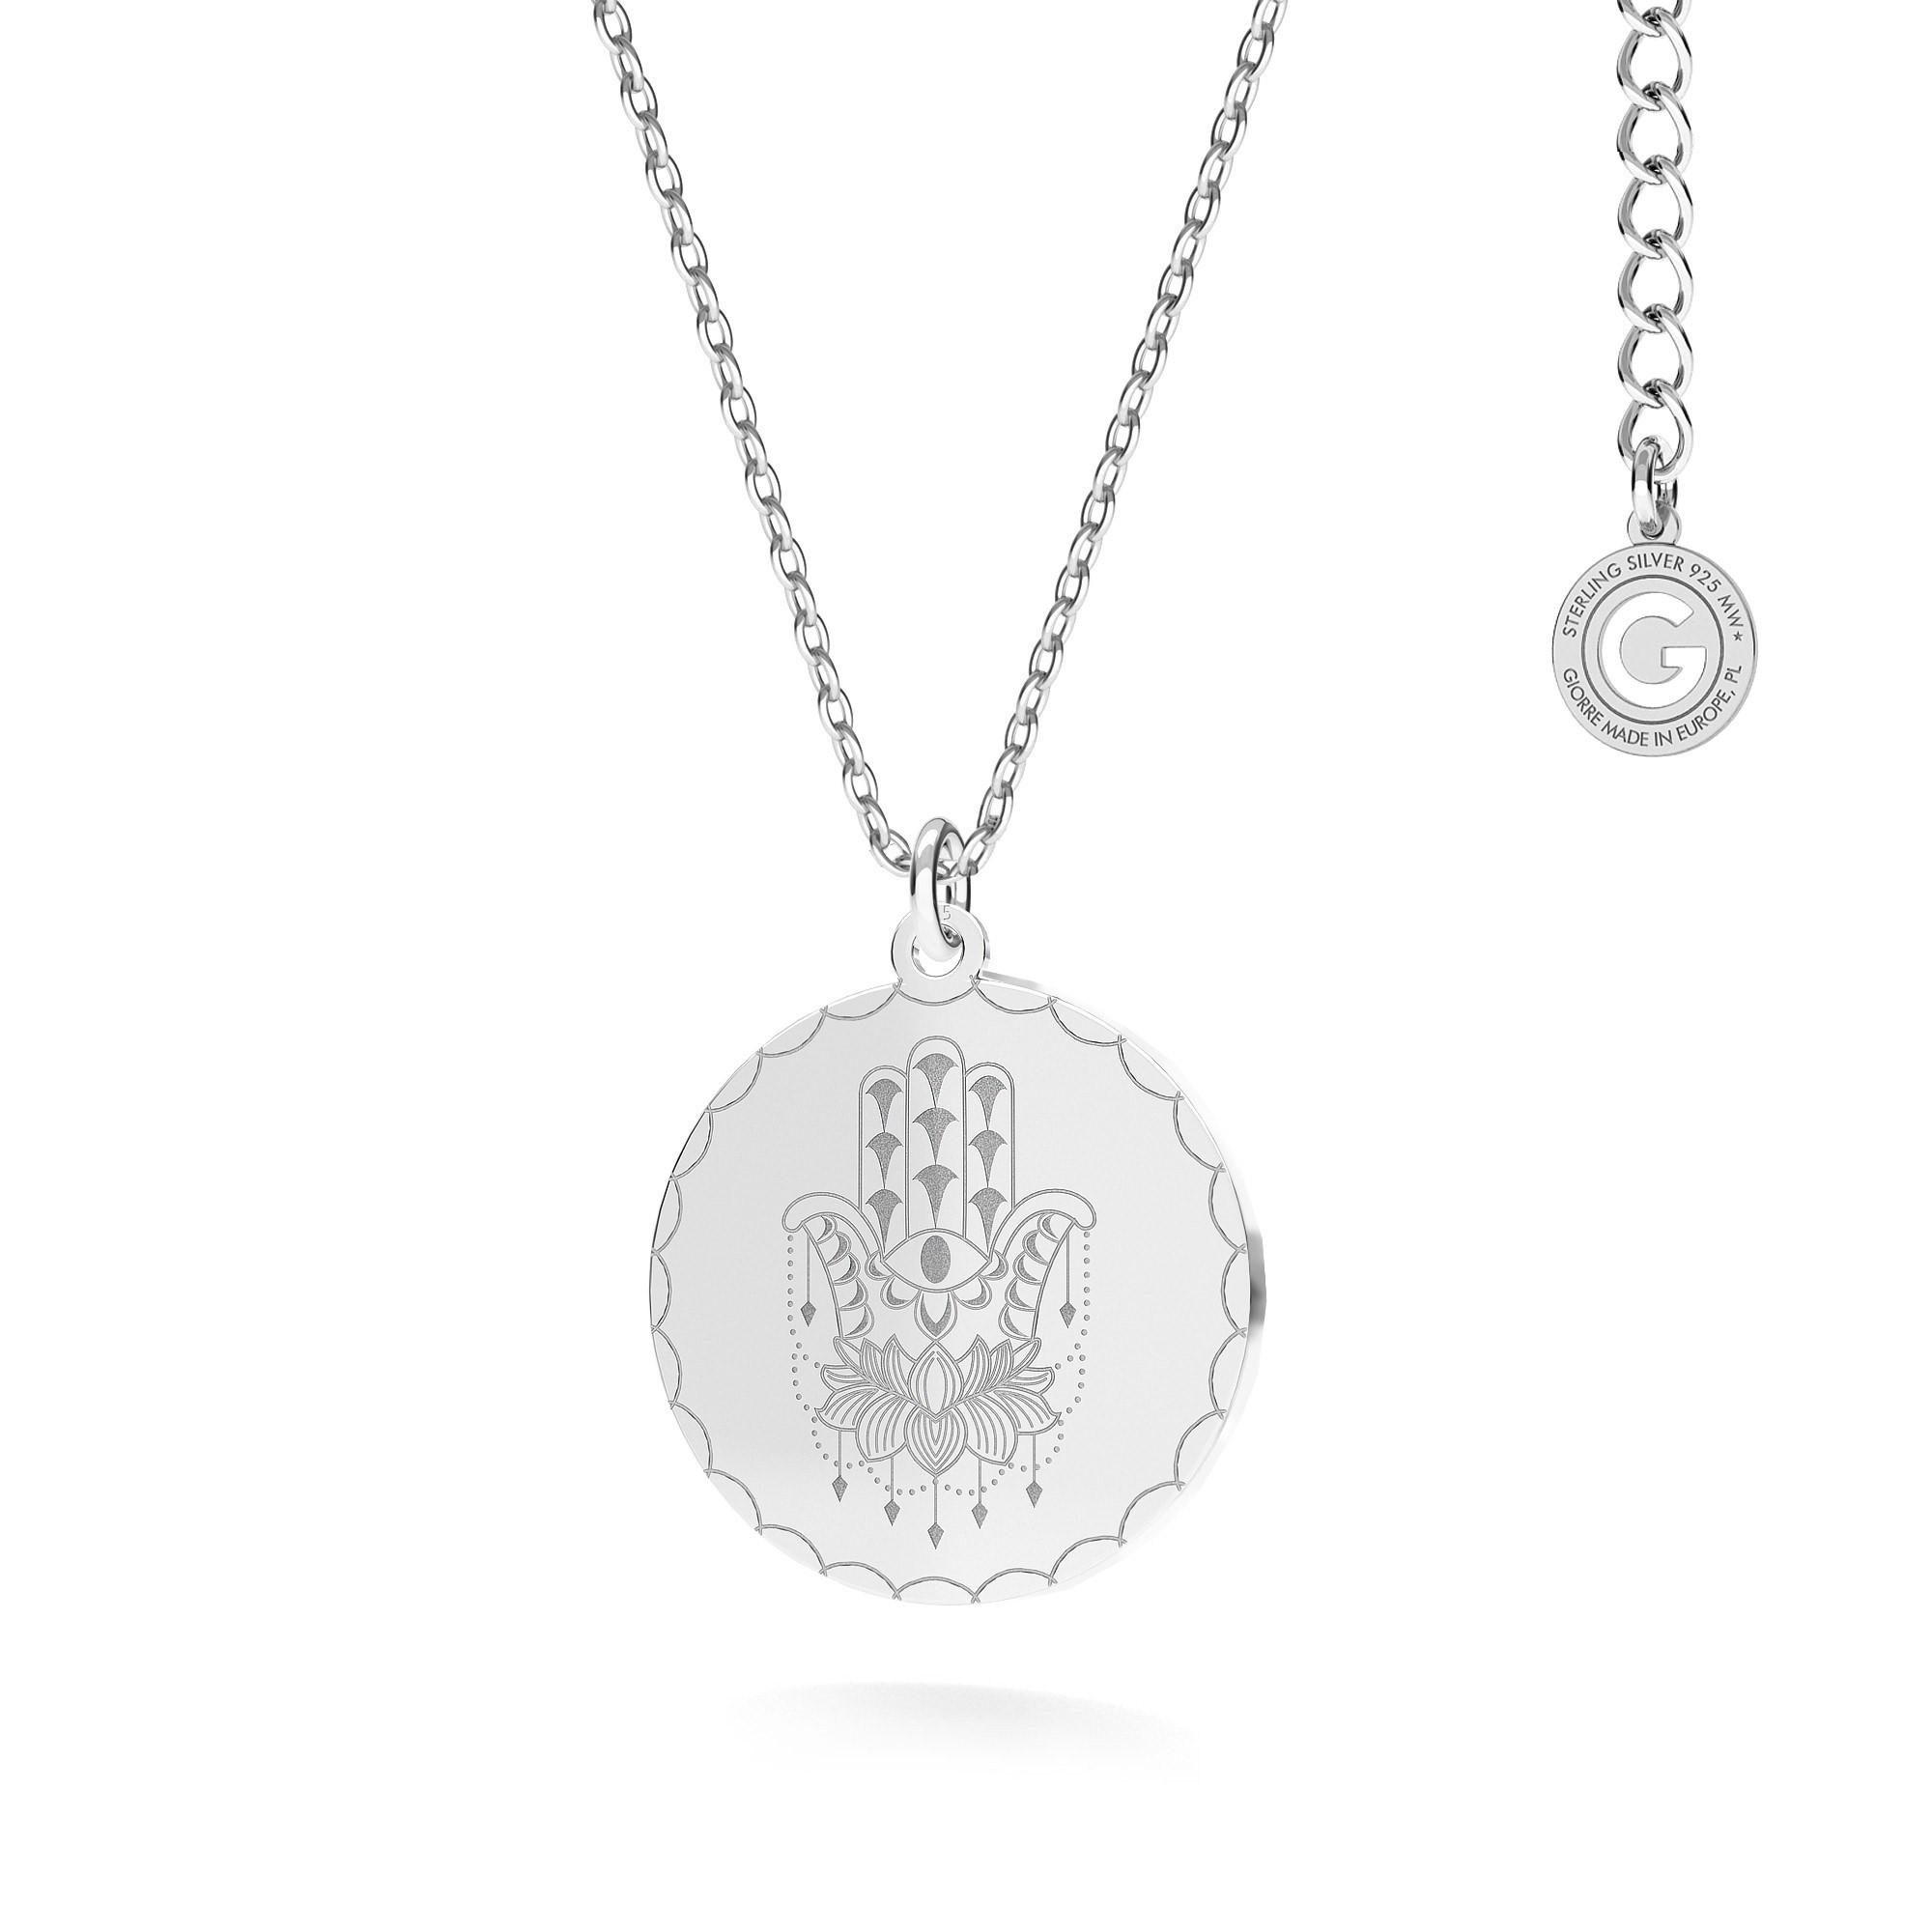 Naszyjnik koralowiec MON DÉFI srebro 925